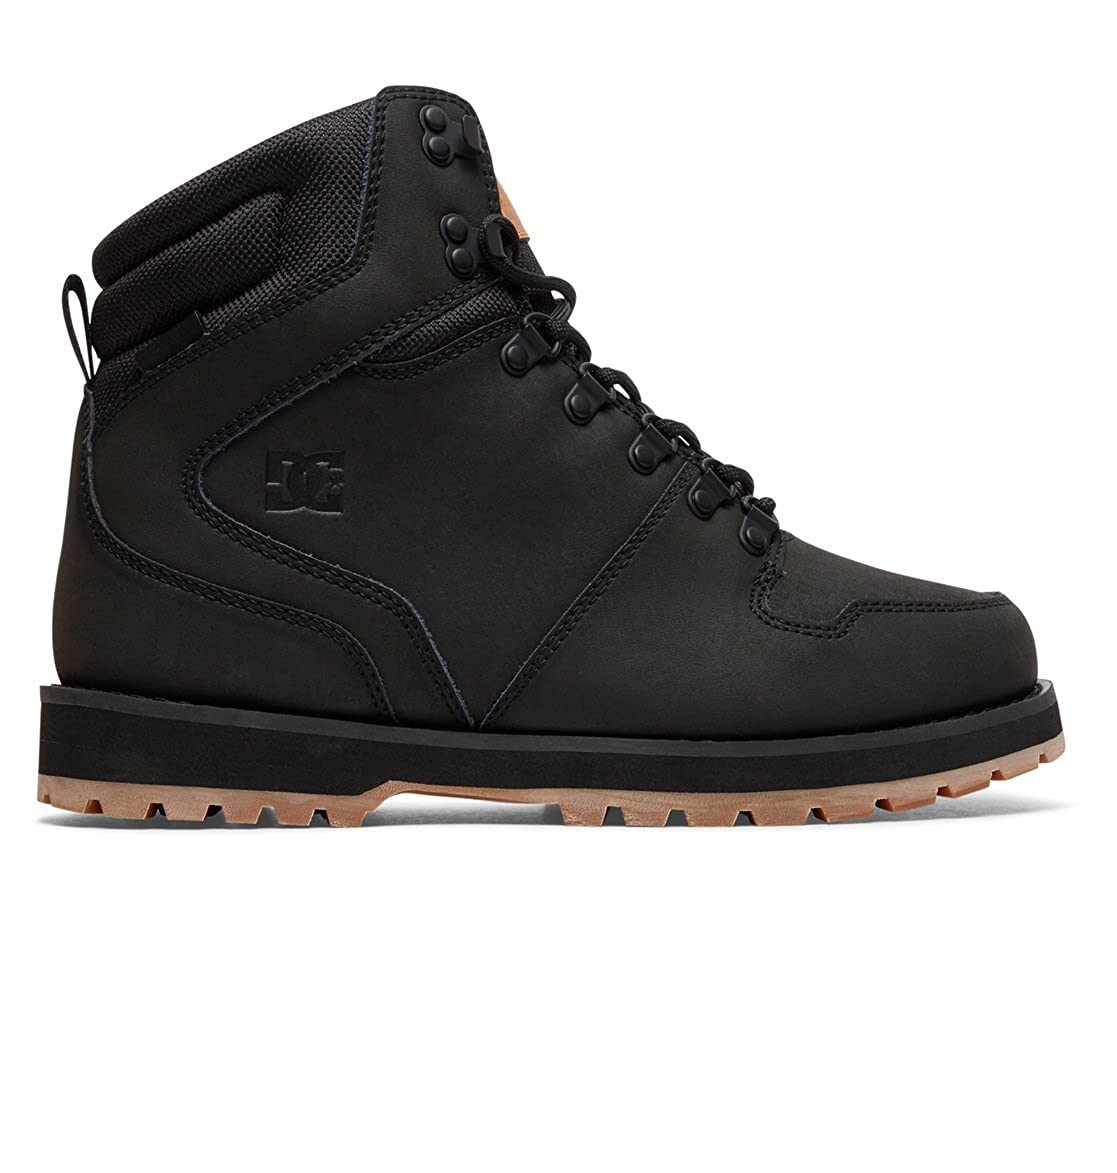 TALLA 41.5 EU. DC Shoes Peary, Botas Clasicas para Hombre